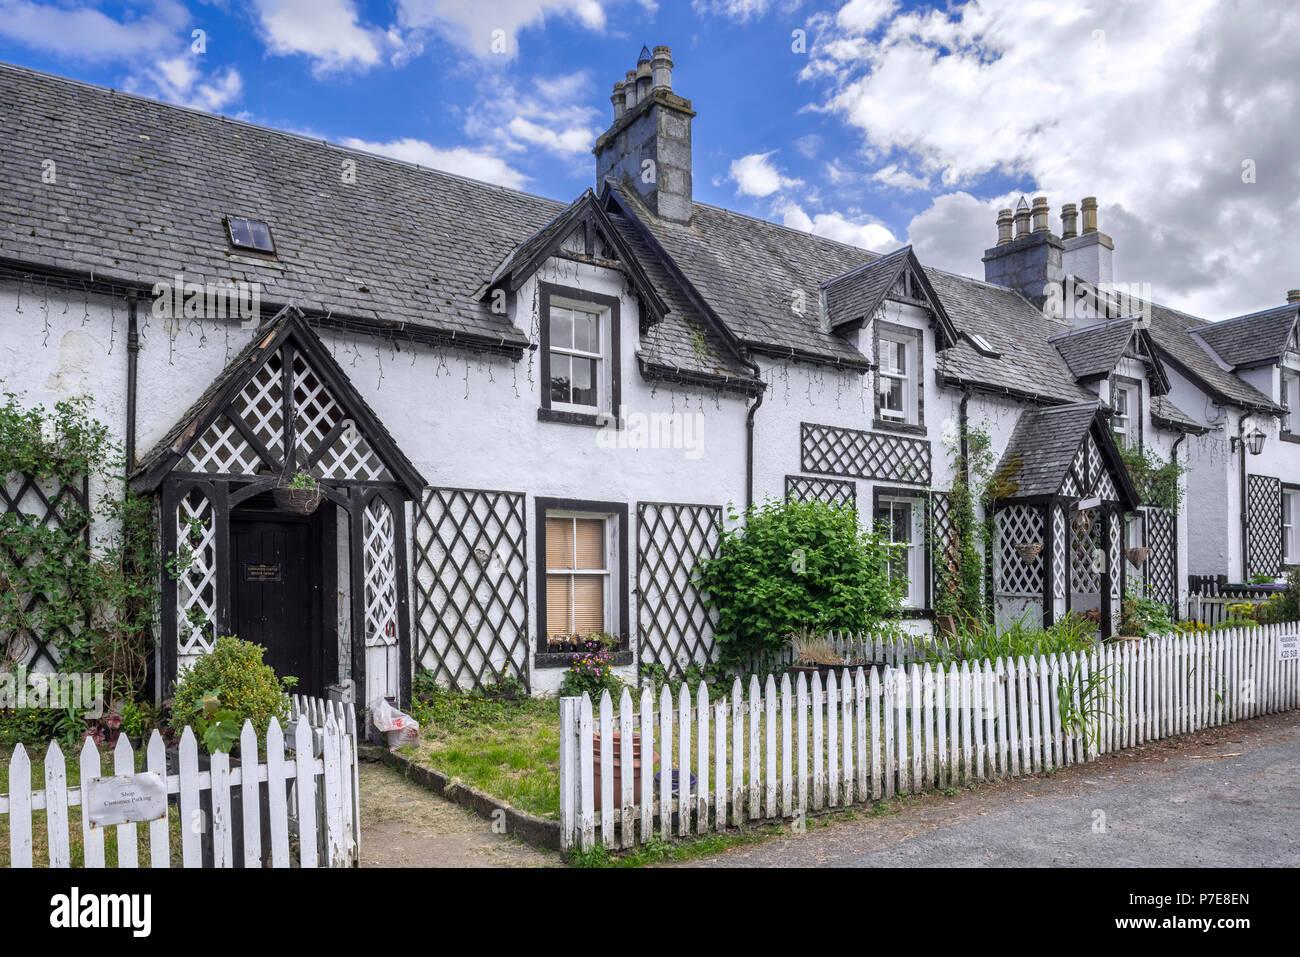 Rangée de maisons blanches dans le village de Kenmore, Perth et Kinross Perthshire, dans les montagnes de l'Ecosse, Royaume-Uni Photo Stock